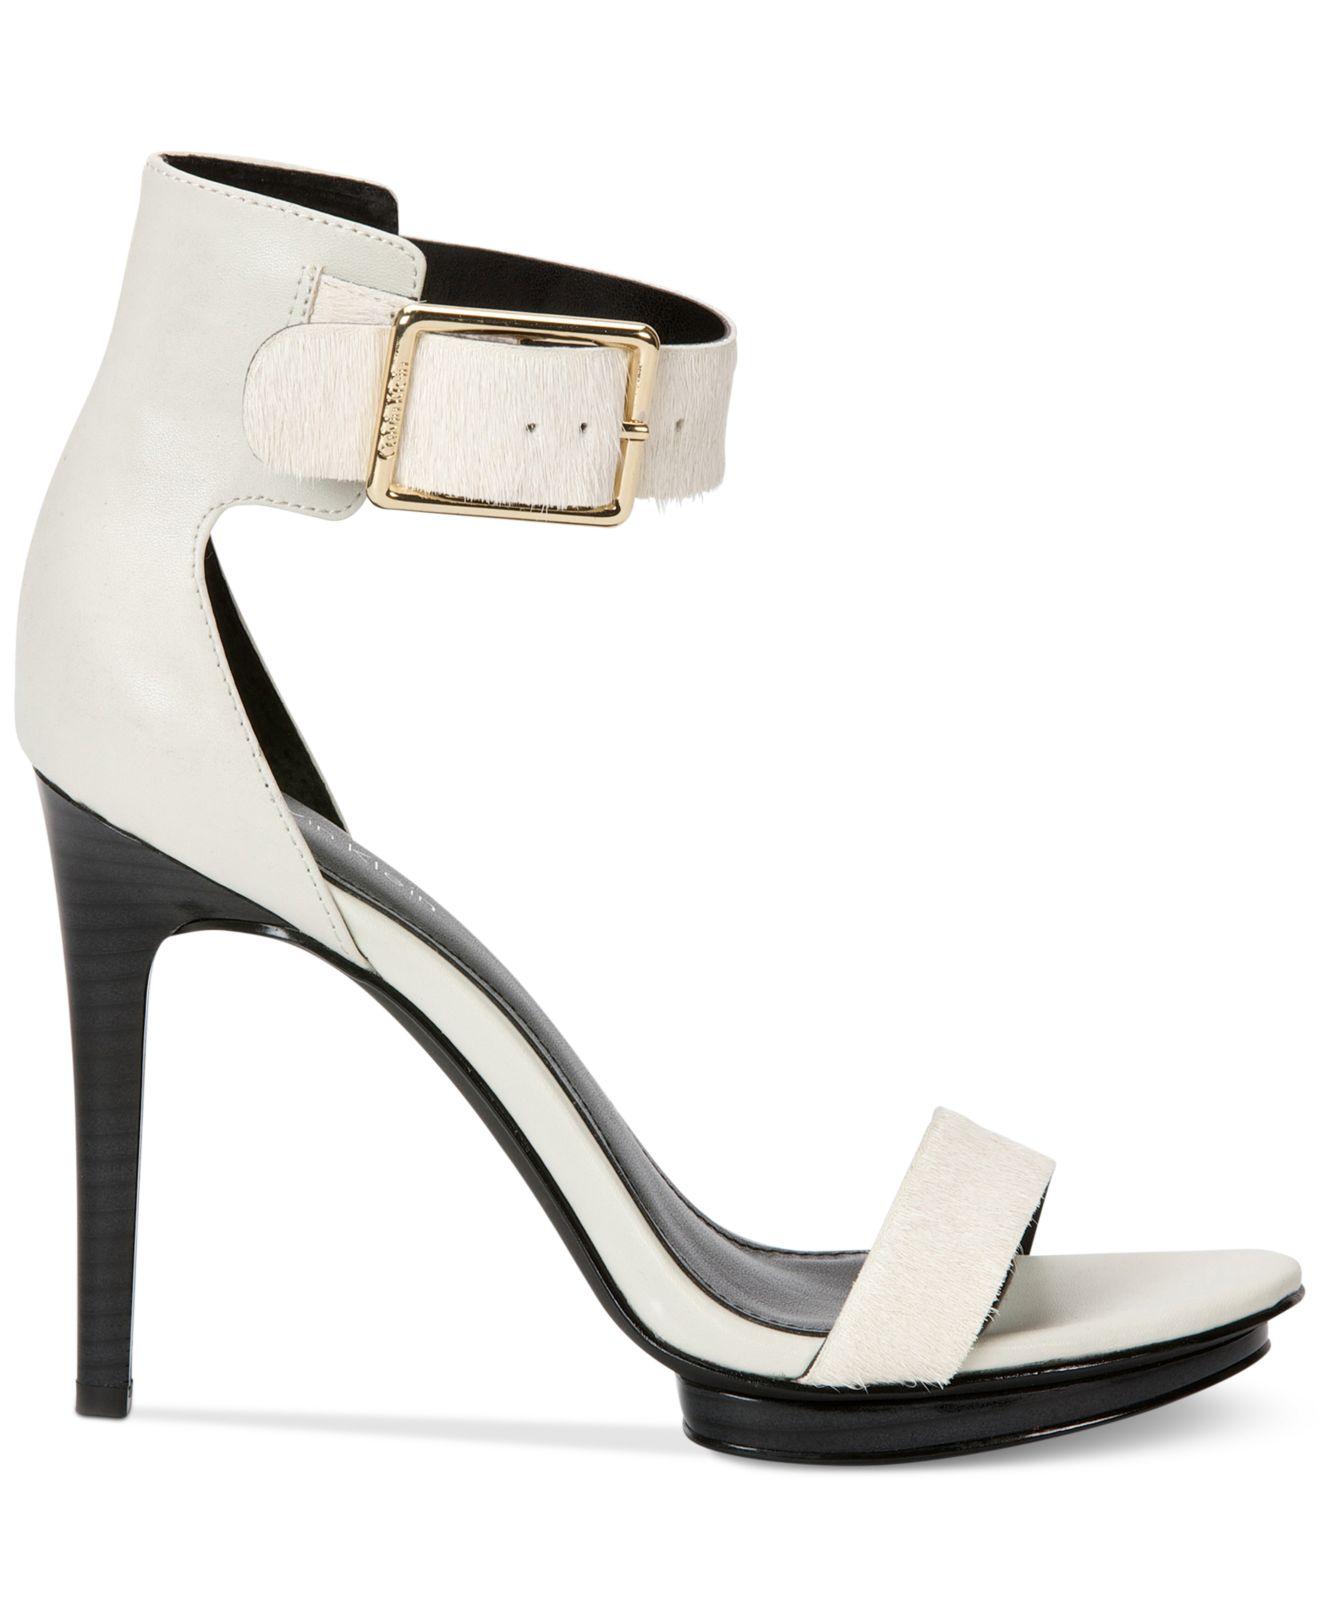 88971aff03da Lyst - Calvin Klein Women S Vivian High Heel Sandals in White